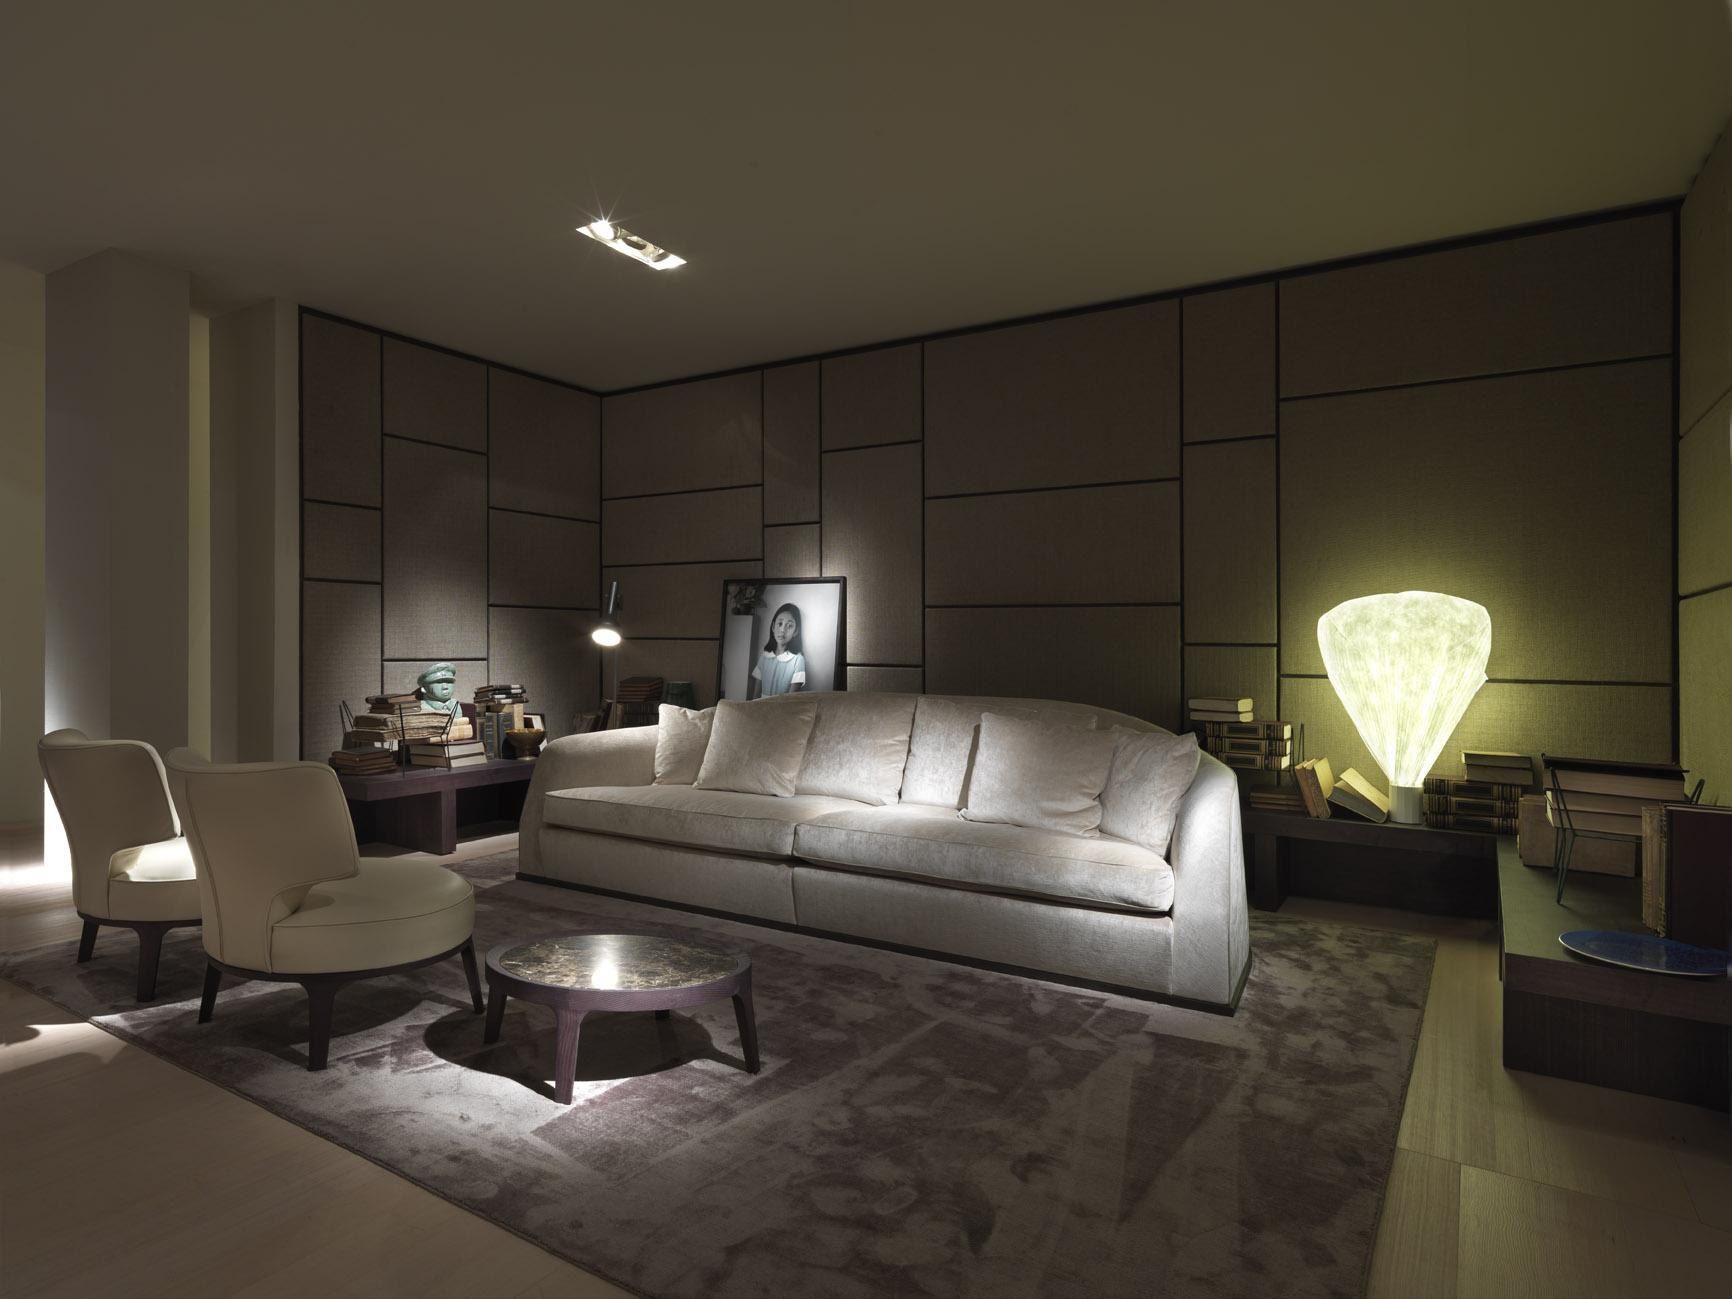 什么品牌的家具比较好?